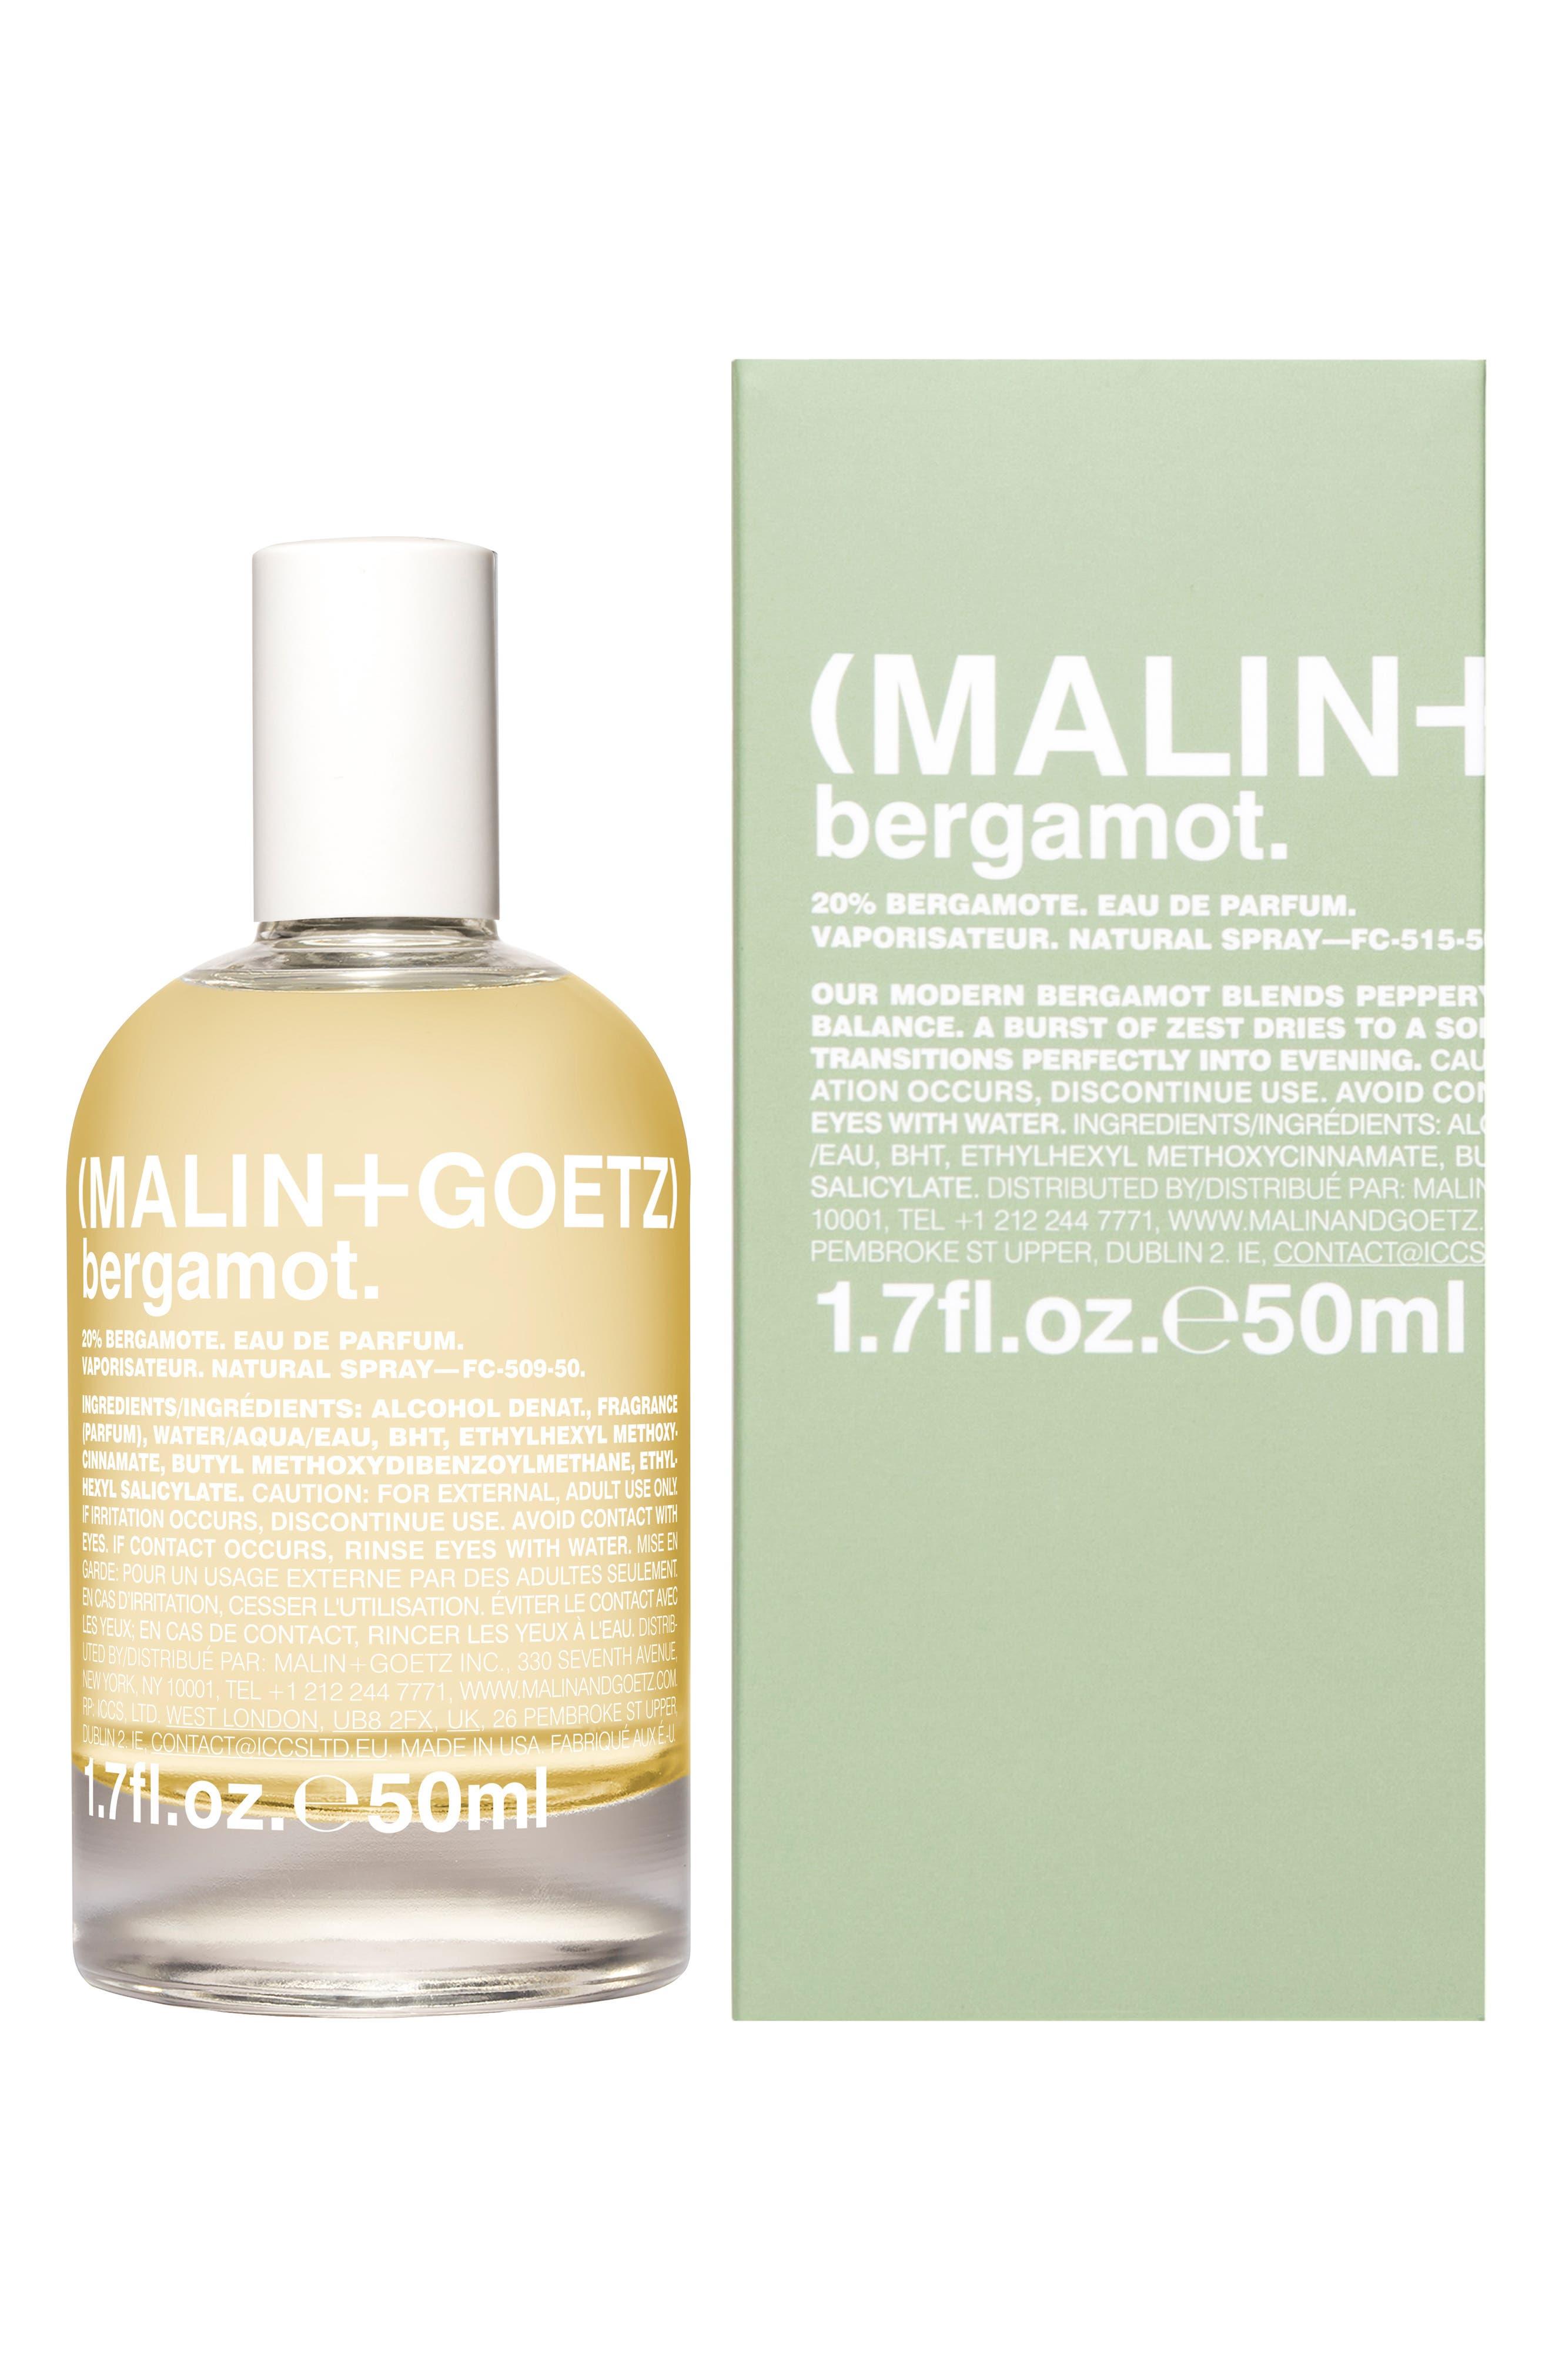 Malin+Goetz Bergamot Eau De Parfum